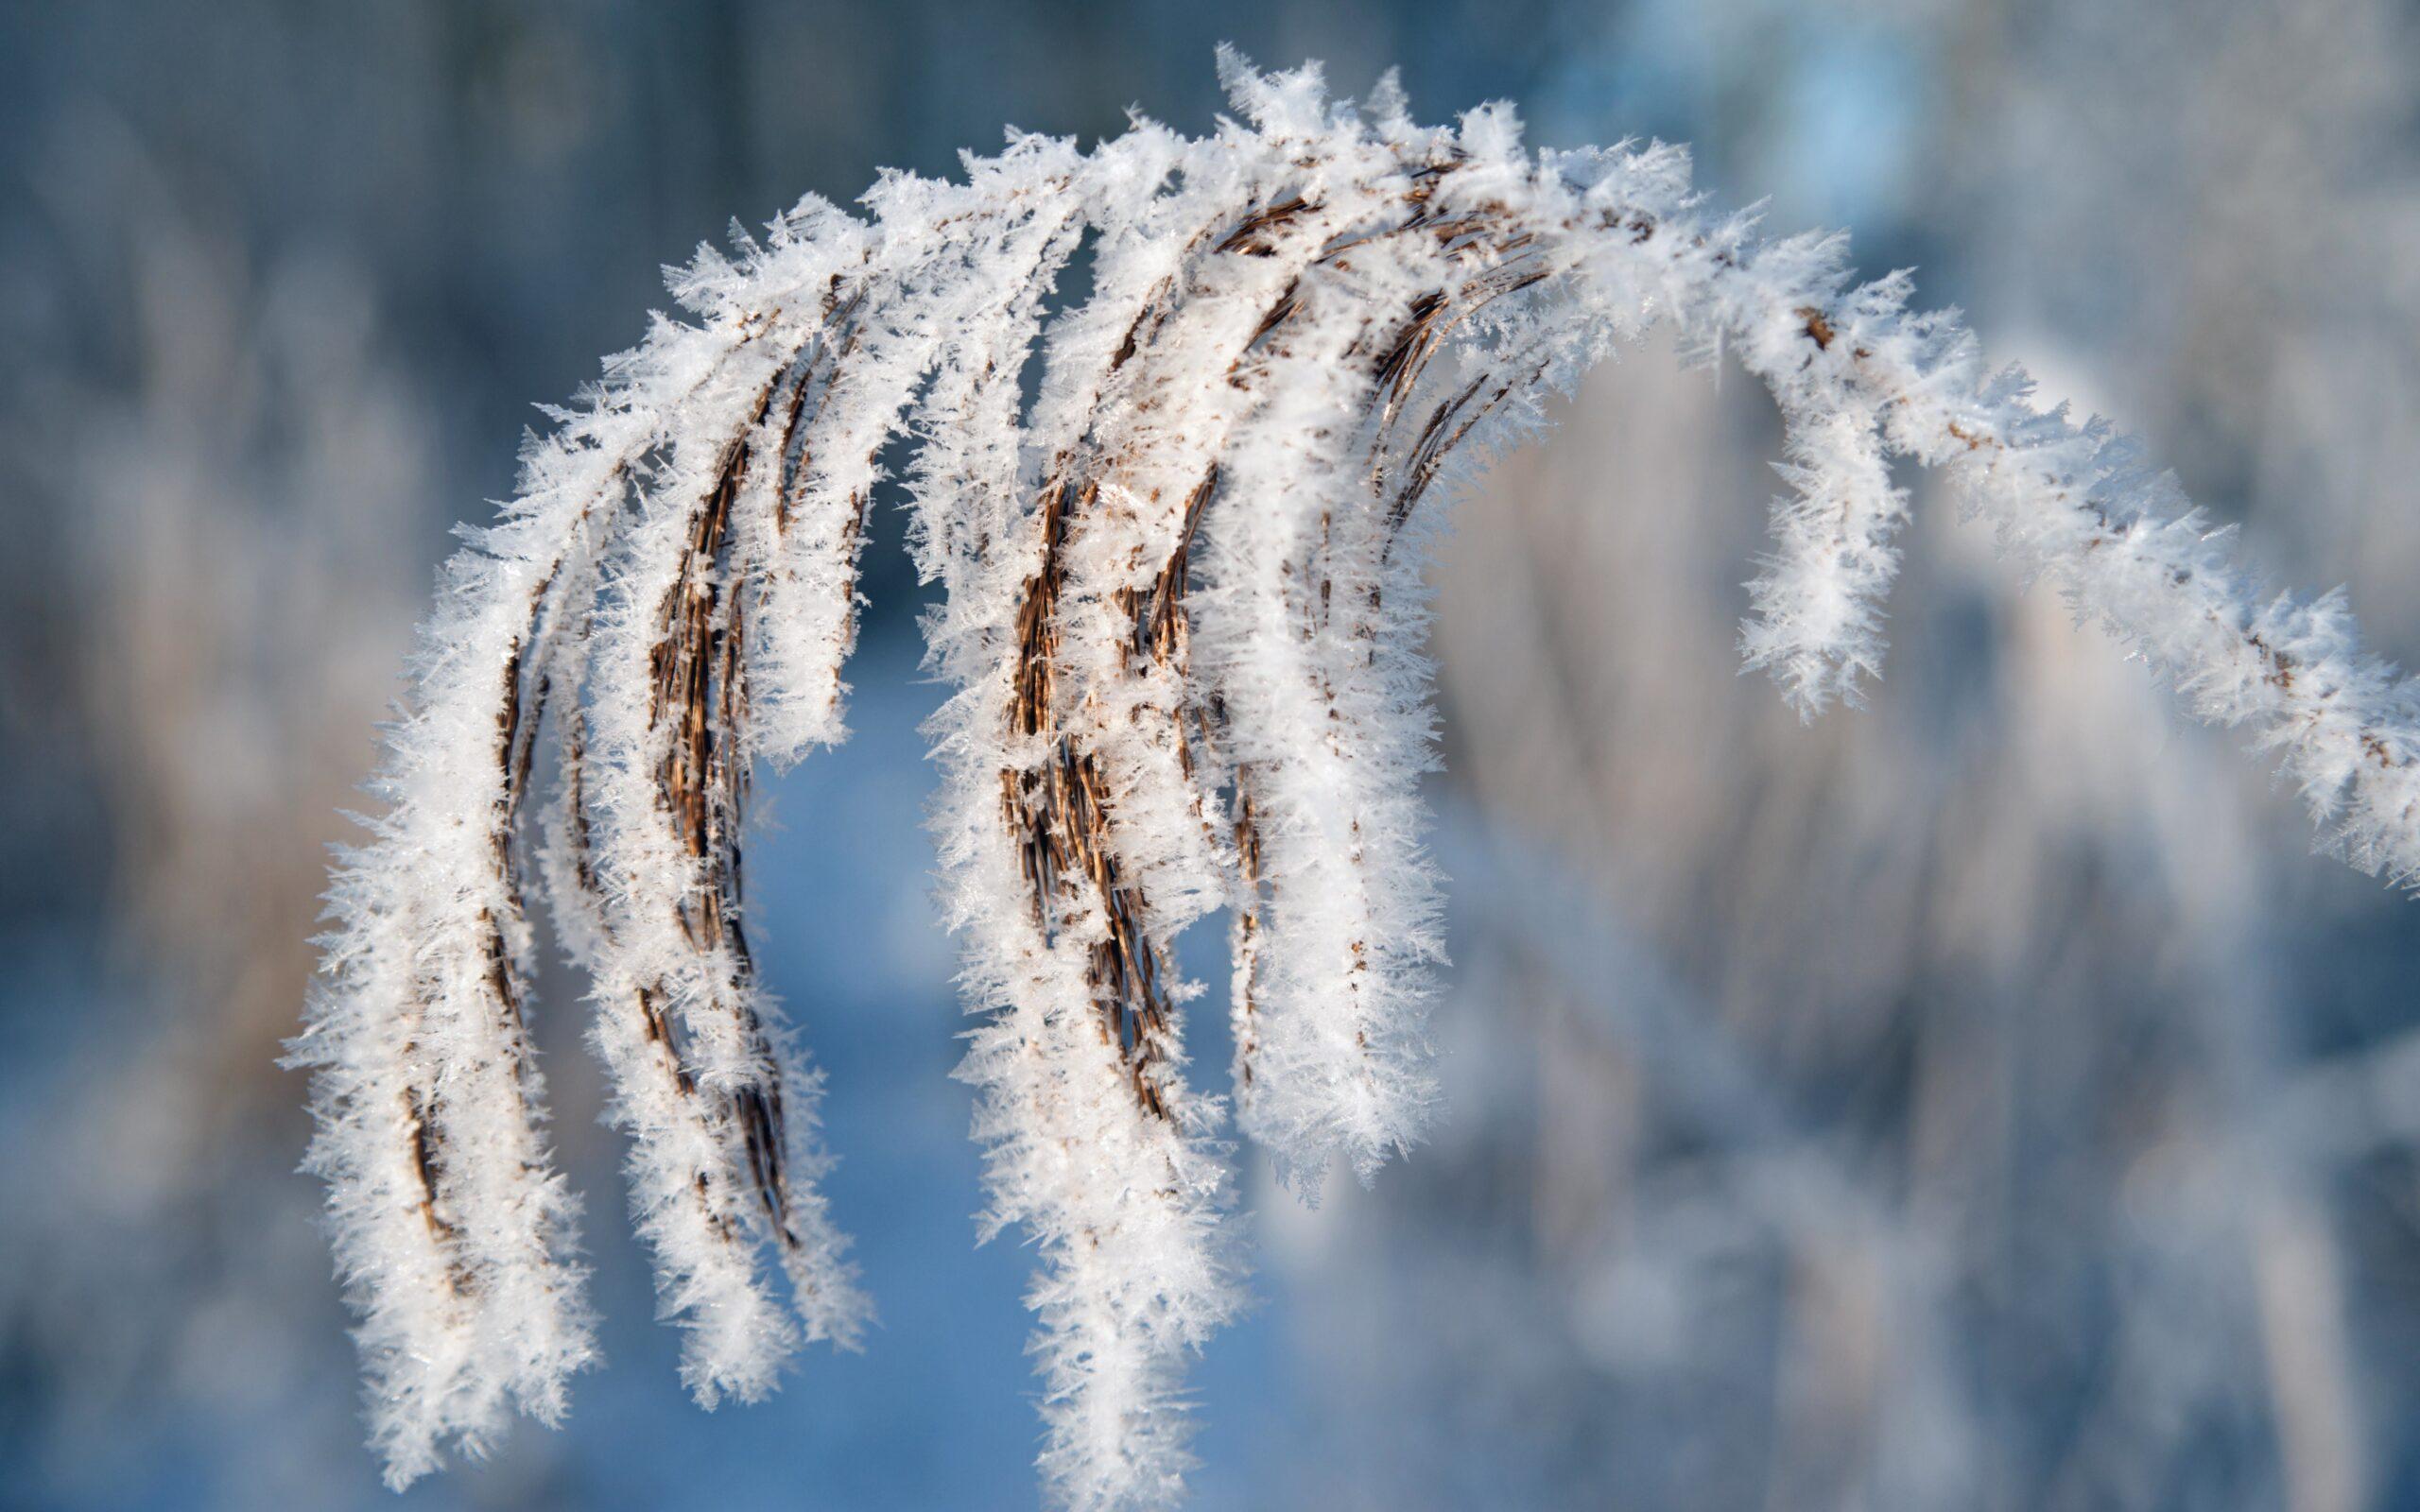 Naturen i smuk forvandling